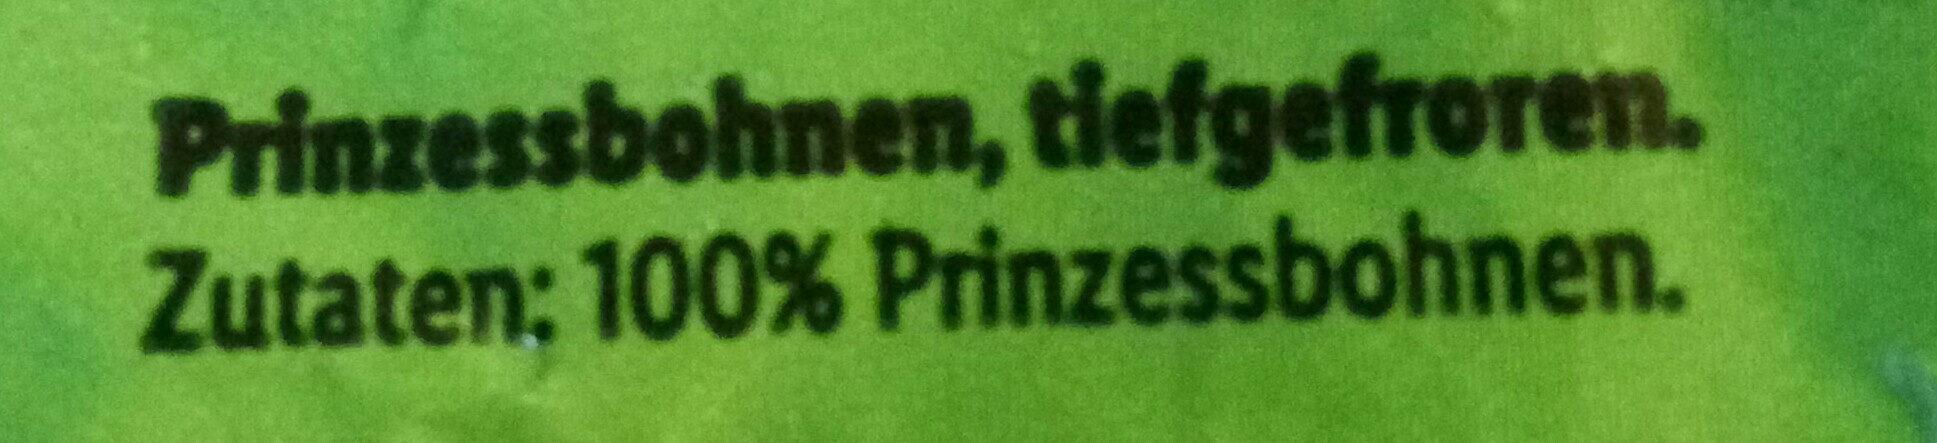 Prinzeasbohnen - Ingrédients - de